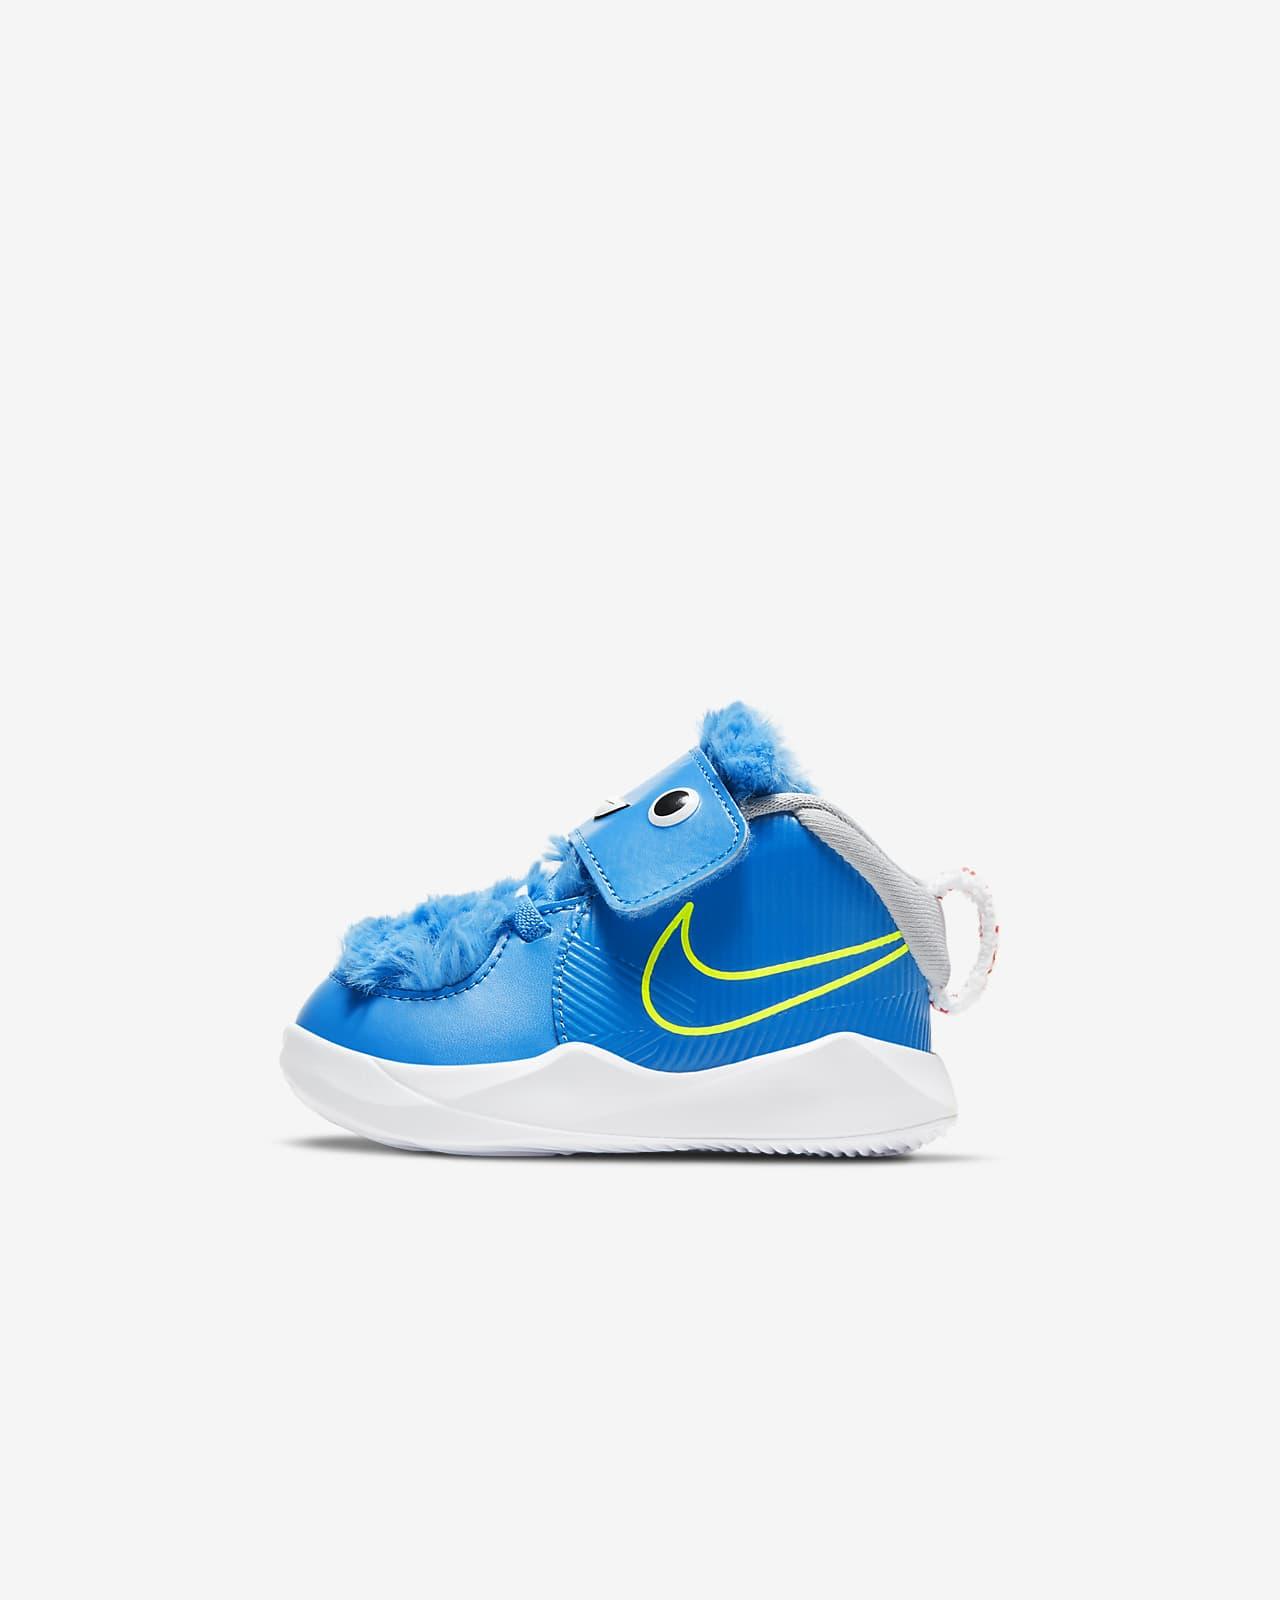 รองเท้าทารก/เด็กวัยหัดเดิน Nike Team Hustle D 9 Fast n Furry